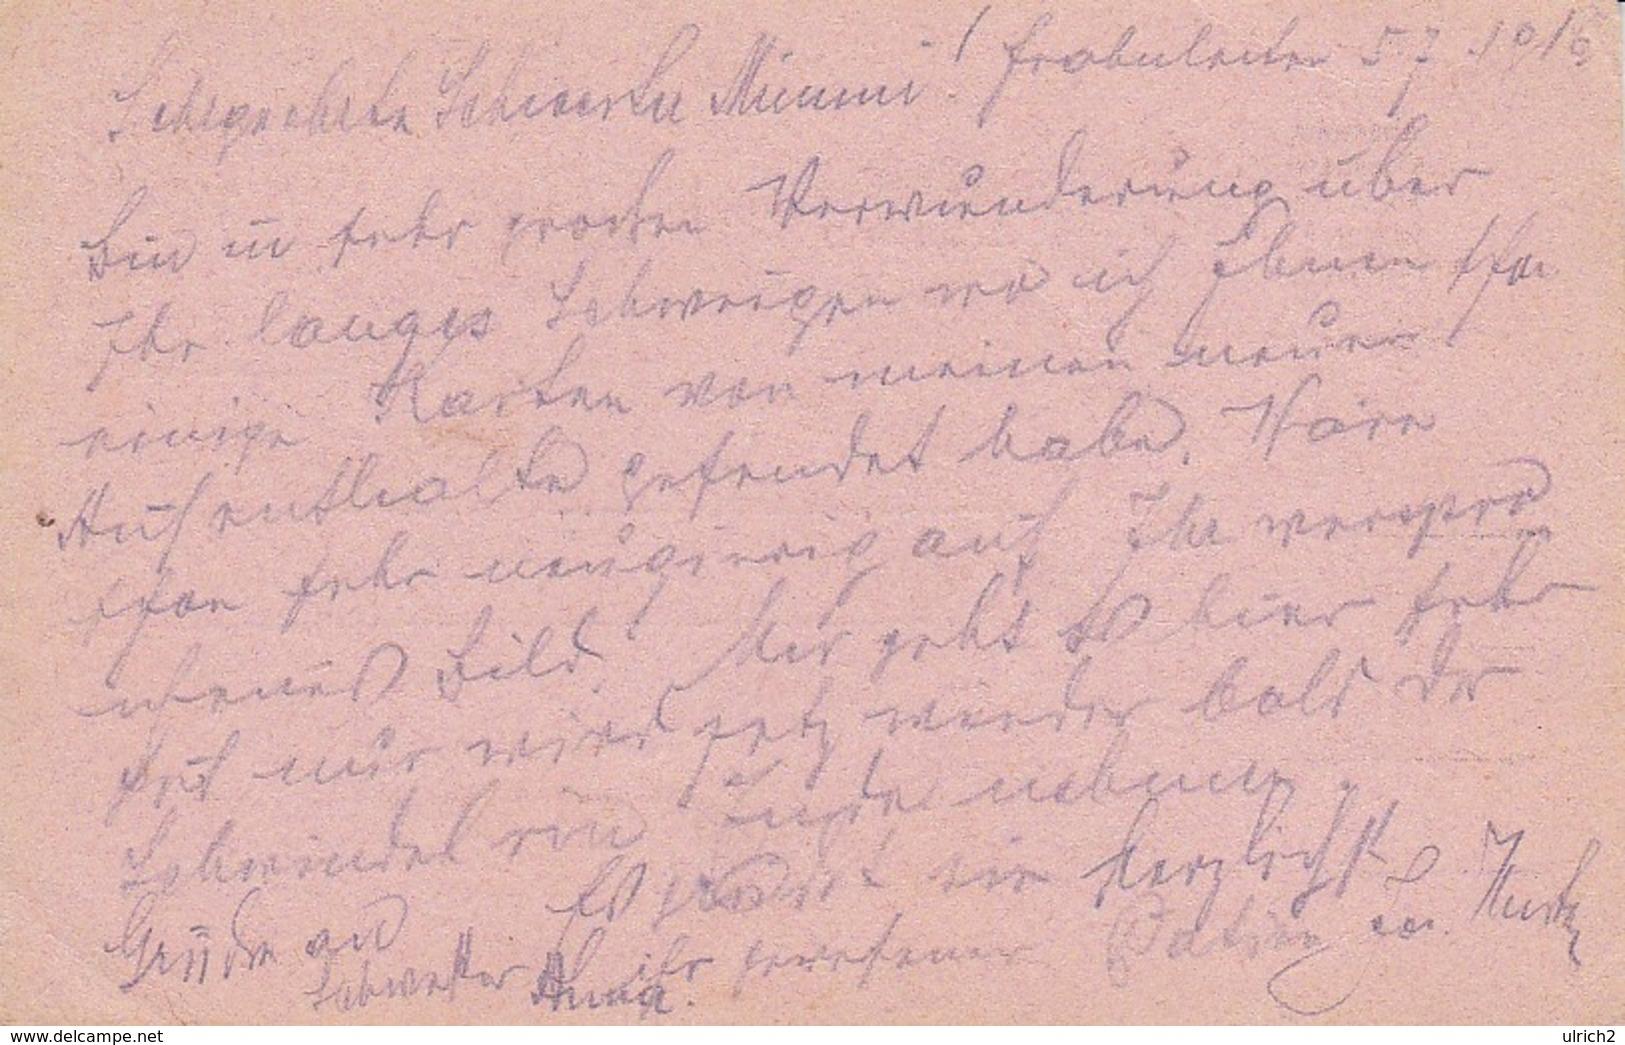 Feldpostkarte - Frohnleiten An Krems Reservespital - 1916 (39317) - Briefe U. Dokumente